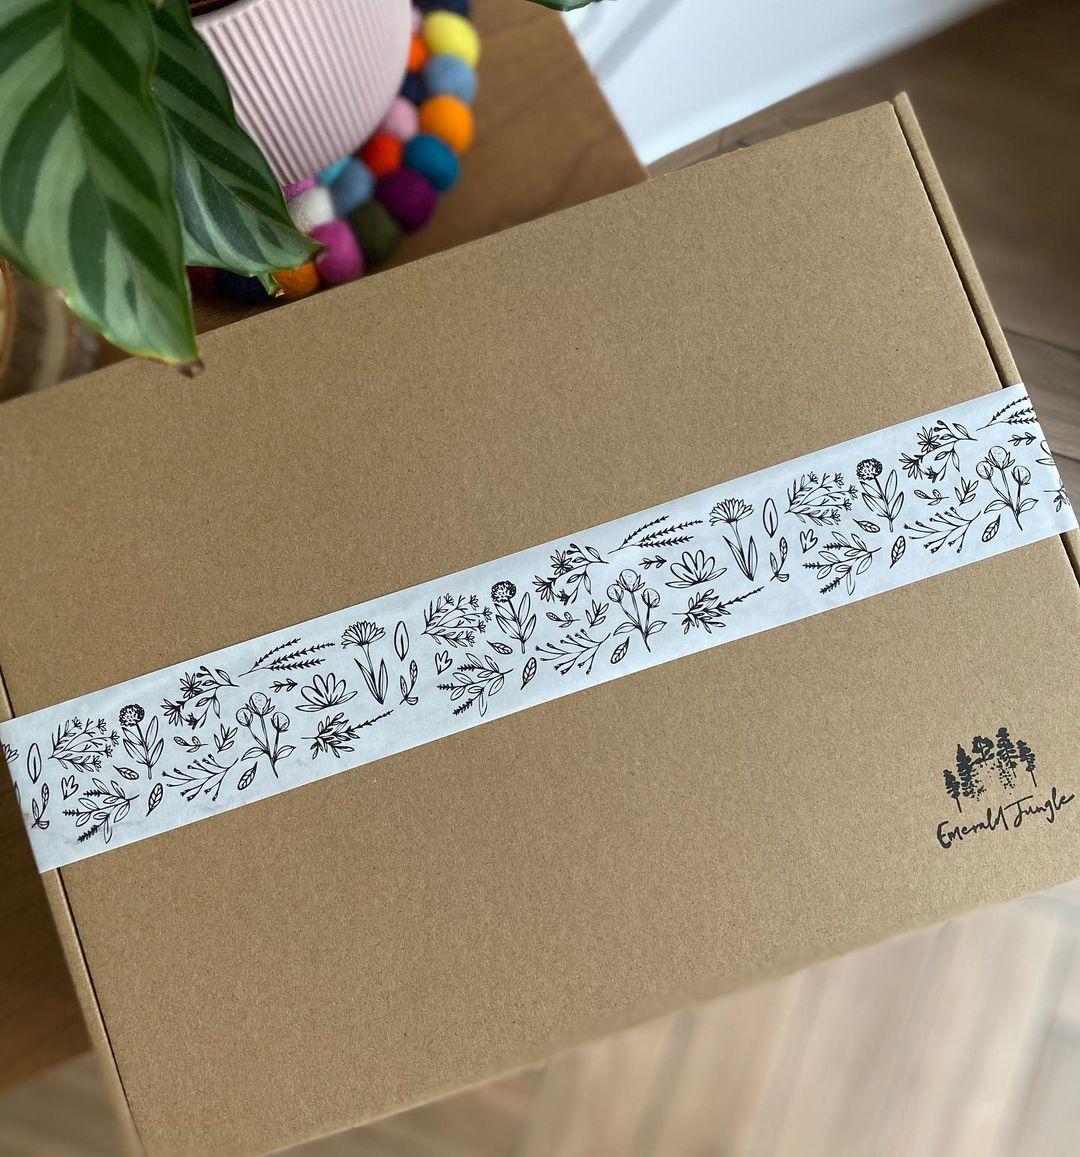 Customised tape on a box